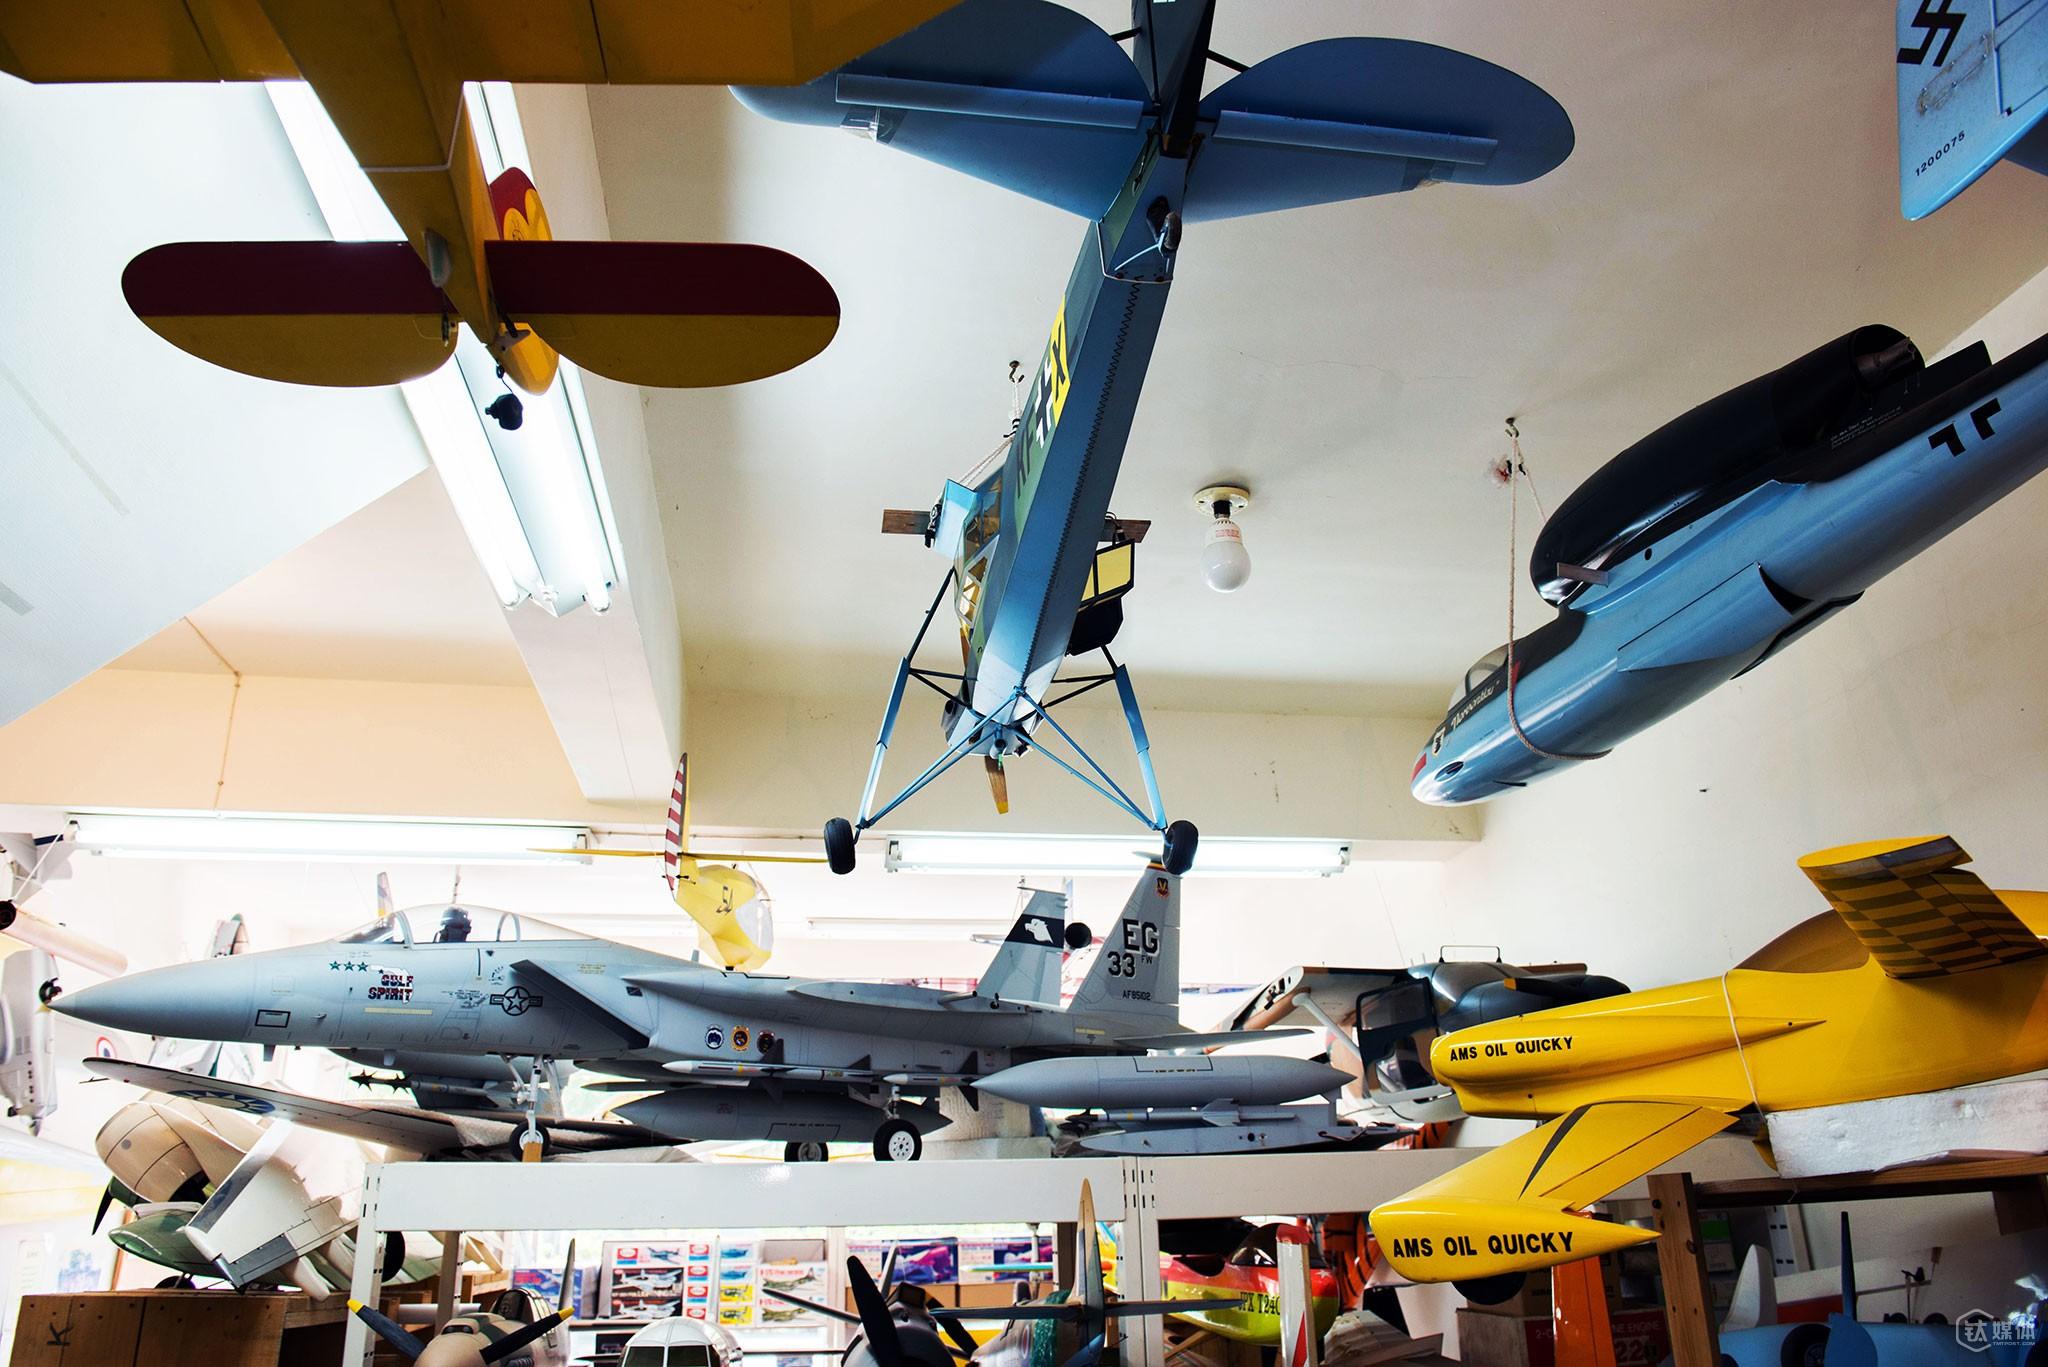 """郑富德在台湾的模型店里陈列的很多飞机,都是他35年以来亲手做的。货架最上层是一台6:1的幻影战斗机模型,它的飞行速度可以达到200公里每小时。郑富德的店,最风光的时候开在了台北101旁边。后来,由于OEM量产的模型大量进入台湾,加上受经济周期的影响,店面倒闭,濒临破产的郑富德带着自己的手工航模回到了桃园乡下。  """"爸爸做一台模型,短的要一个月,长的要半年,他做起来不计成本,但卖起来却不像个生意人,有时客人真心喜欢他的模型而钱不够,他会半卖半送地给人家。""""女儿郑艾玲说,父亲回到桃园后非常低落,她从国外回到台湾,开始想办法帮他走低谷。"""